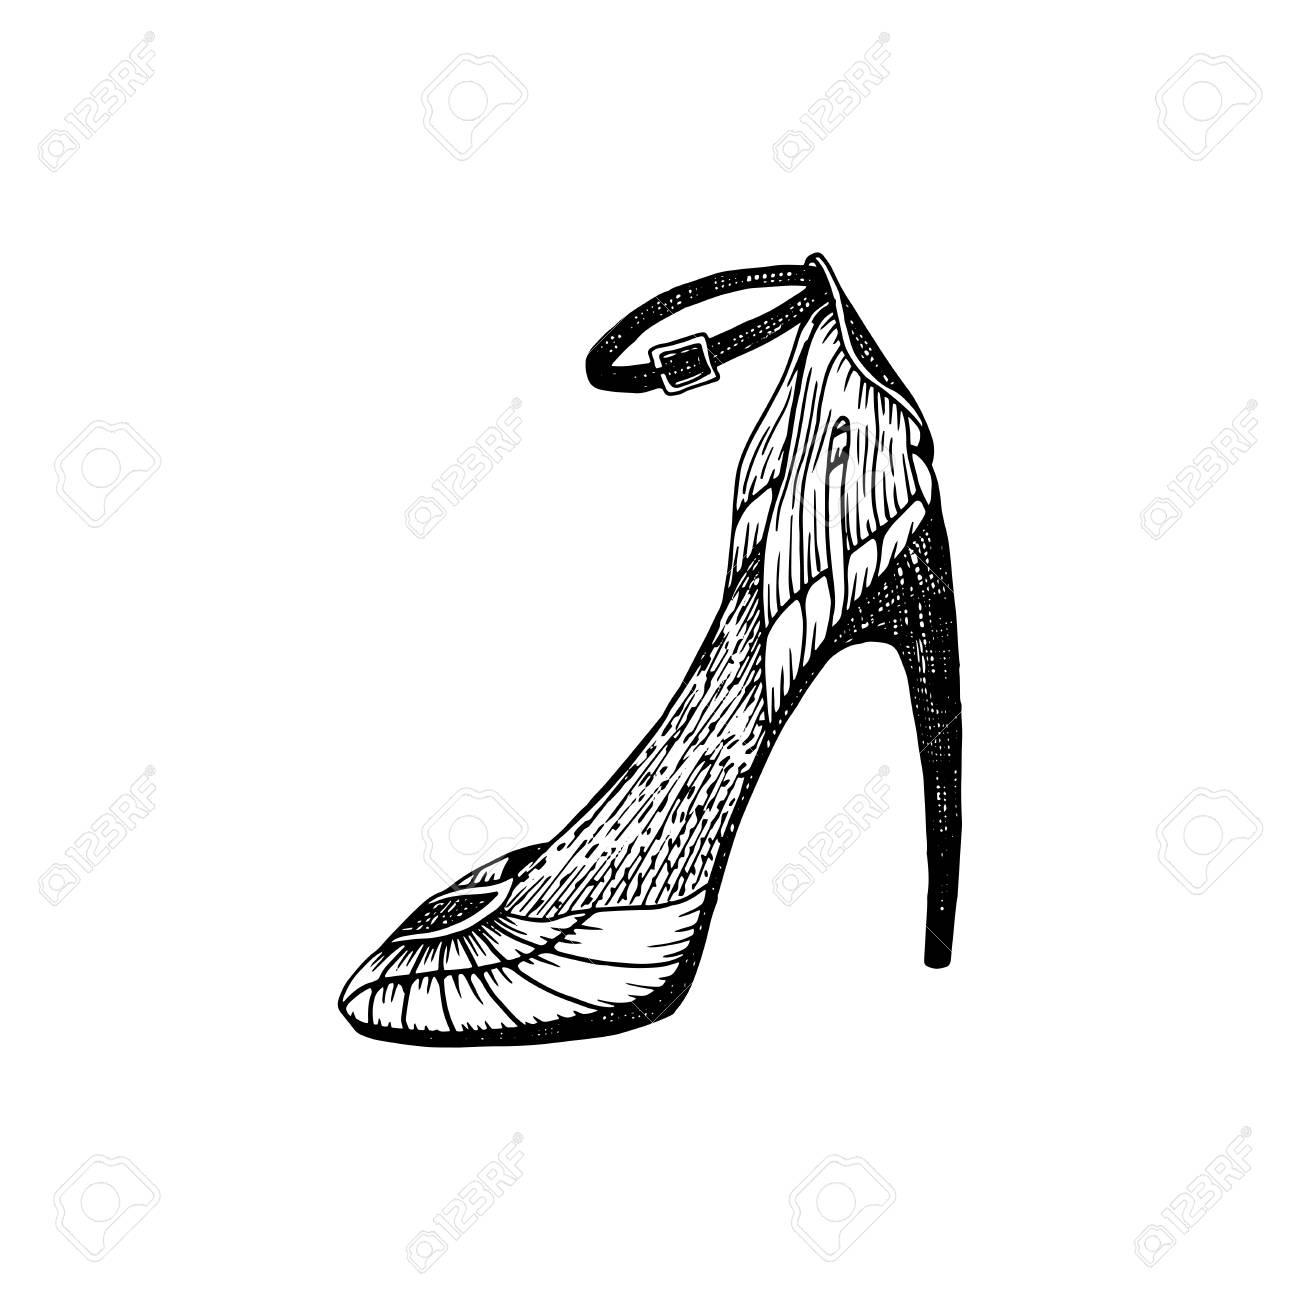 b49f1f787cf Foto de archivo - Zapatos de tacón alto para mujer. Ilustraciones del  calzado de la manera en relleno del patrón del estilo del zapato.